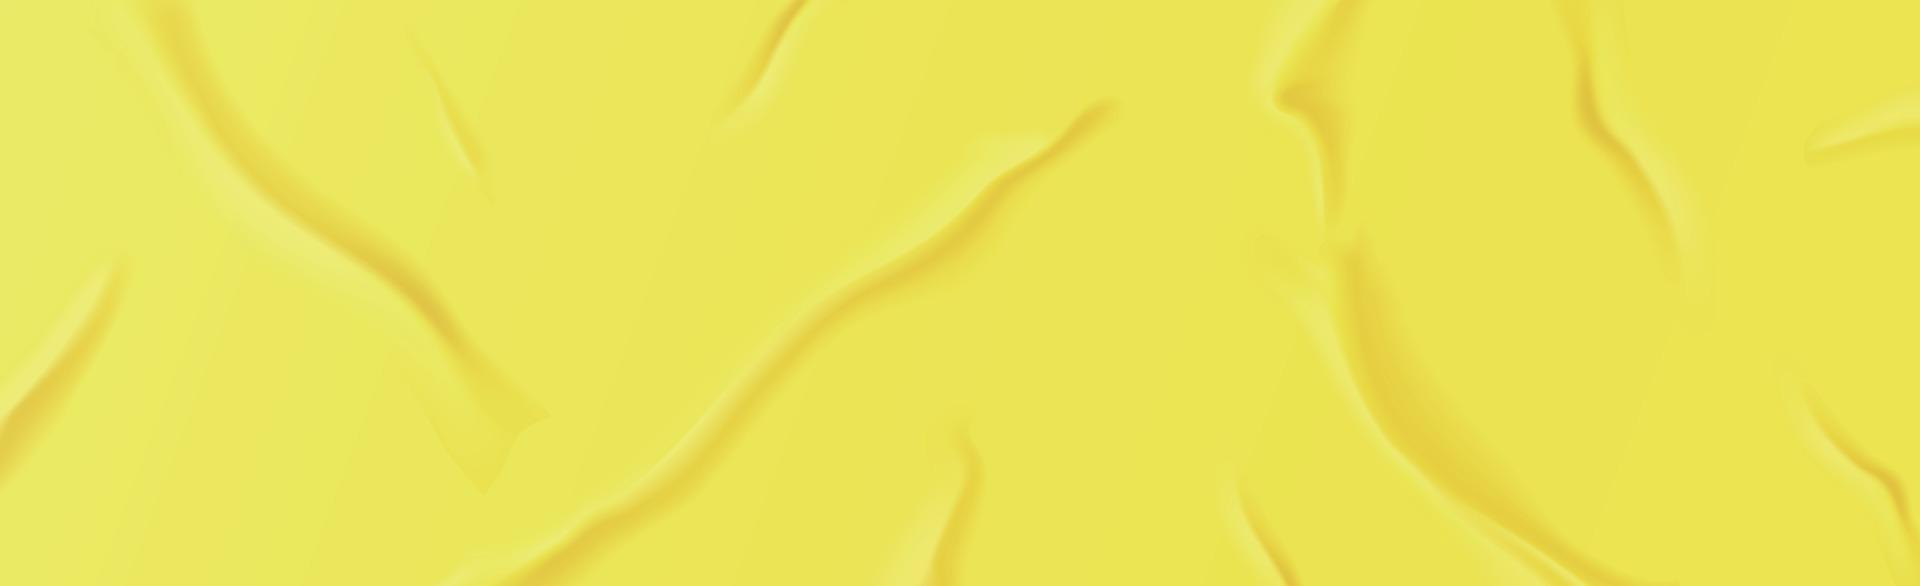 Textura de fondo amarillo arrugado realista, pliegues - vector